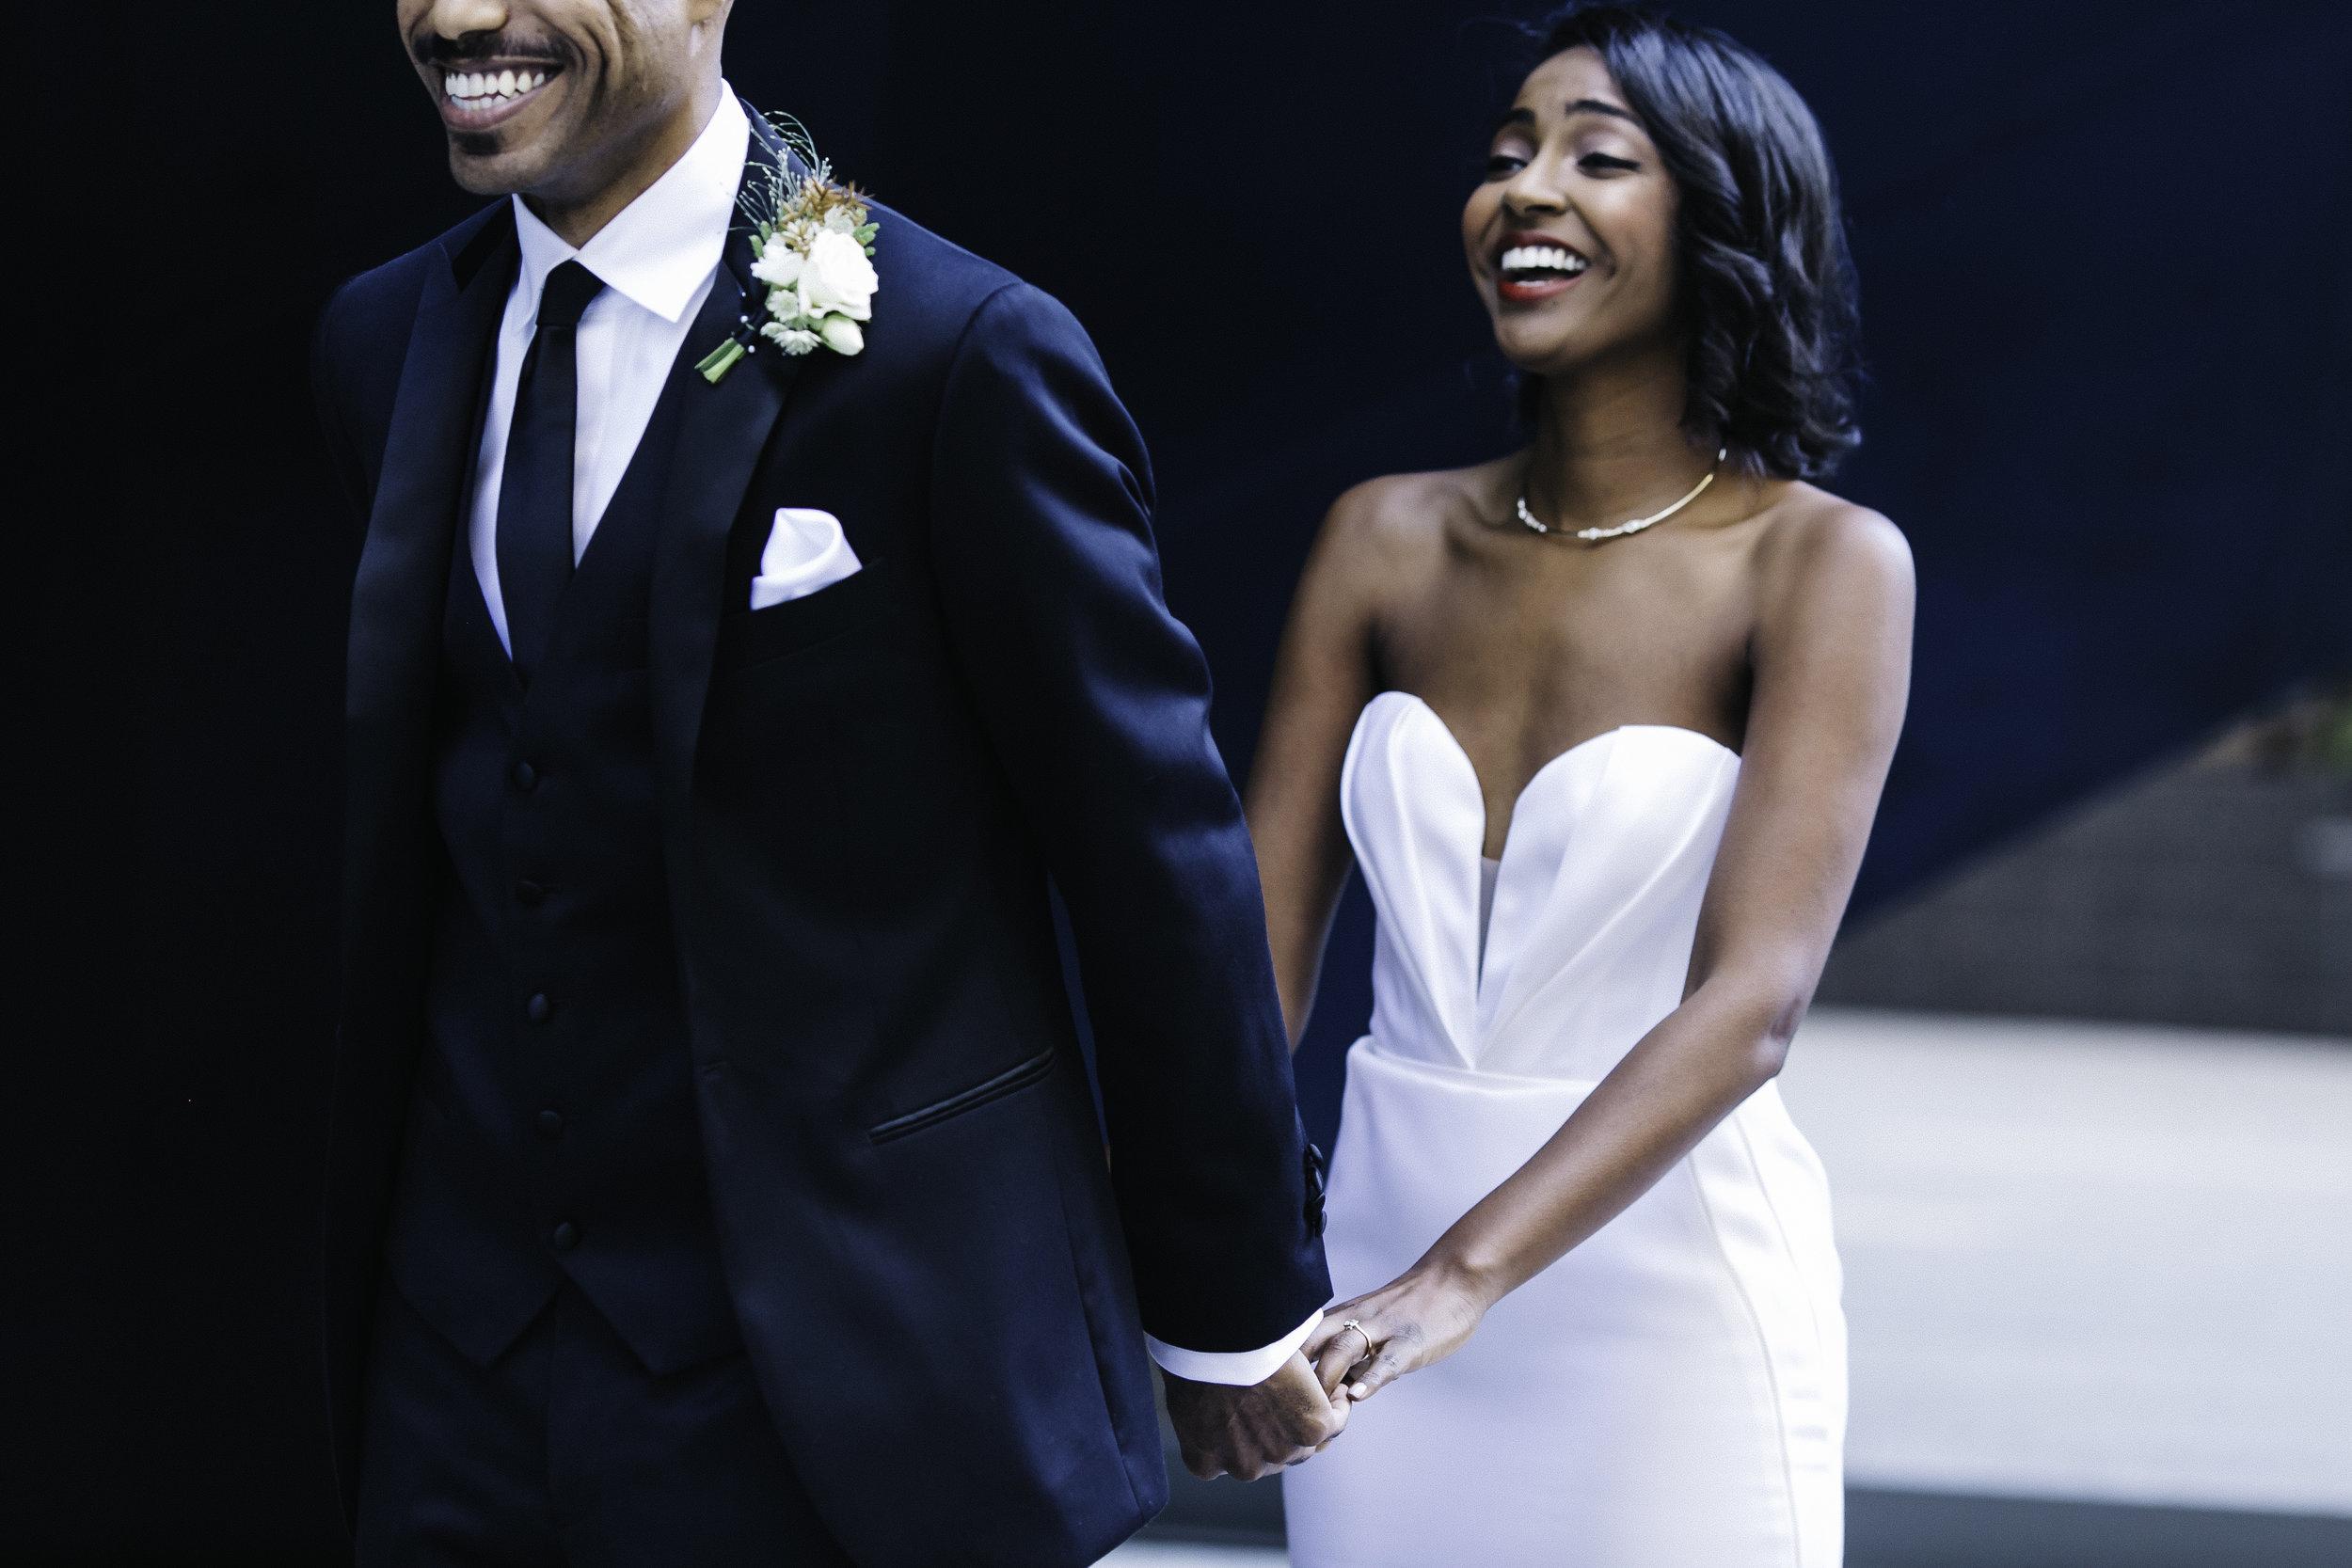 wedding portfolio 2016 - 4270.jpg